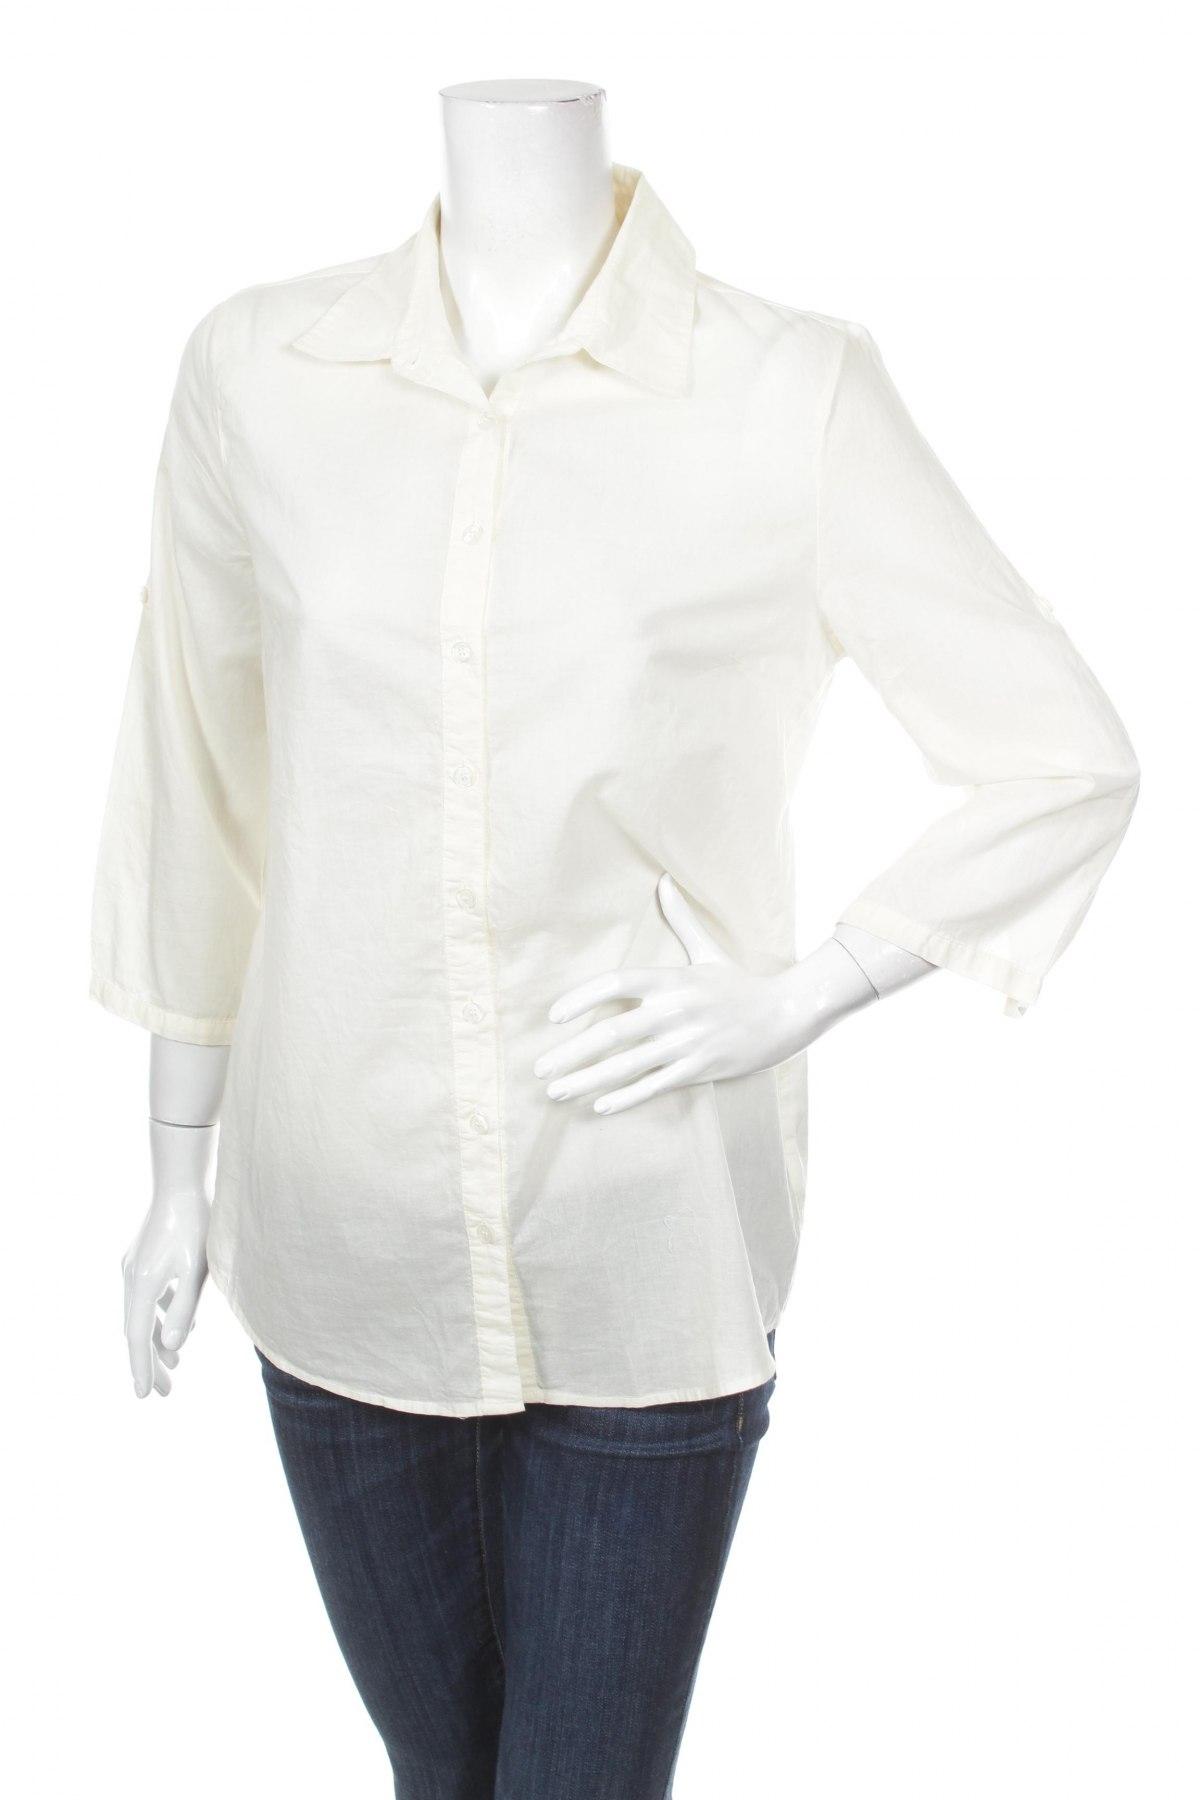 Γυναικείο πουκάμισο 21, Μέγεθος L, Χρώμα Εκρού, 100% βαμβάκι, Τιμή 16,08€